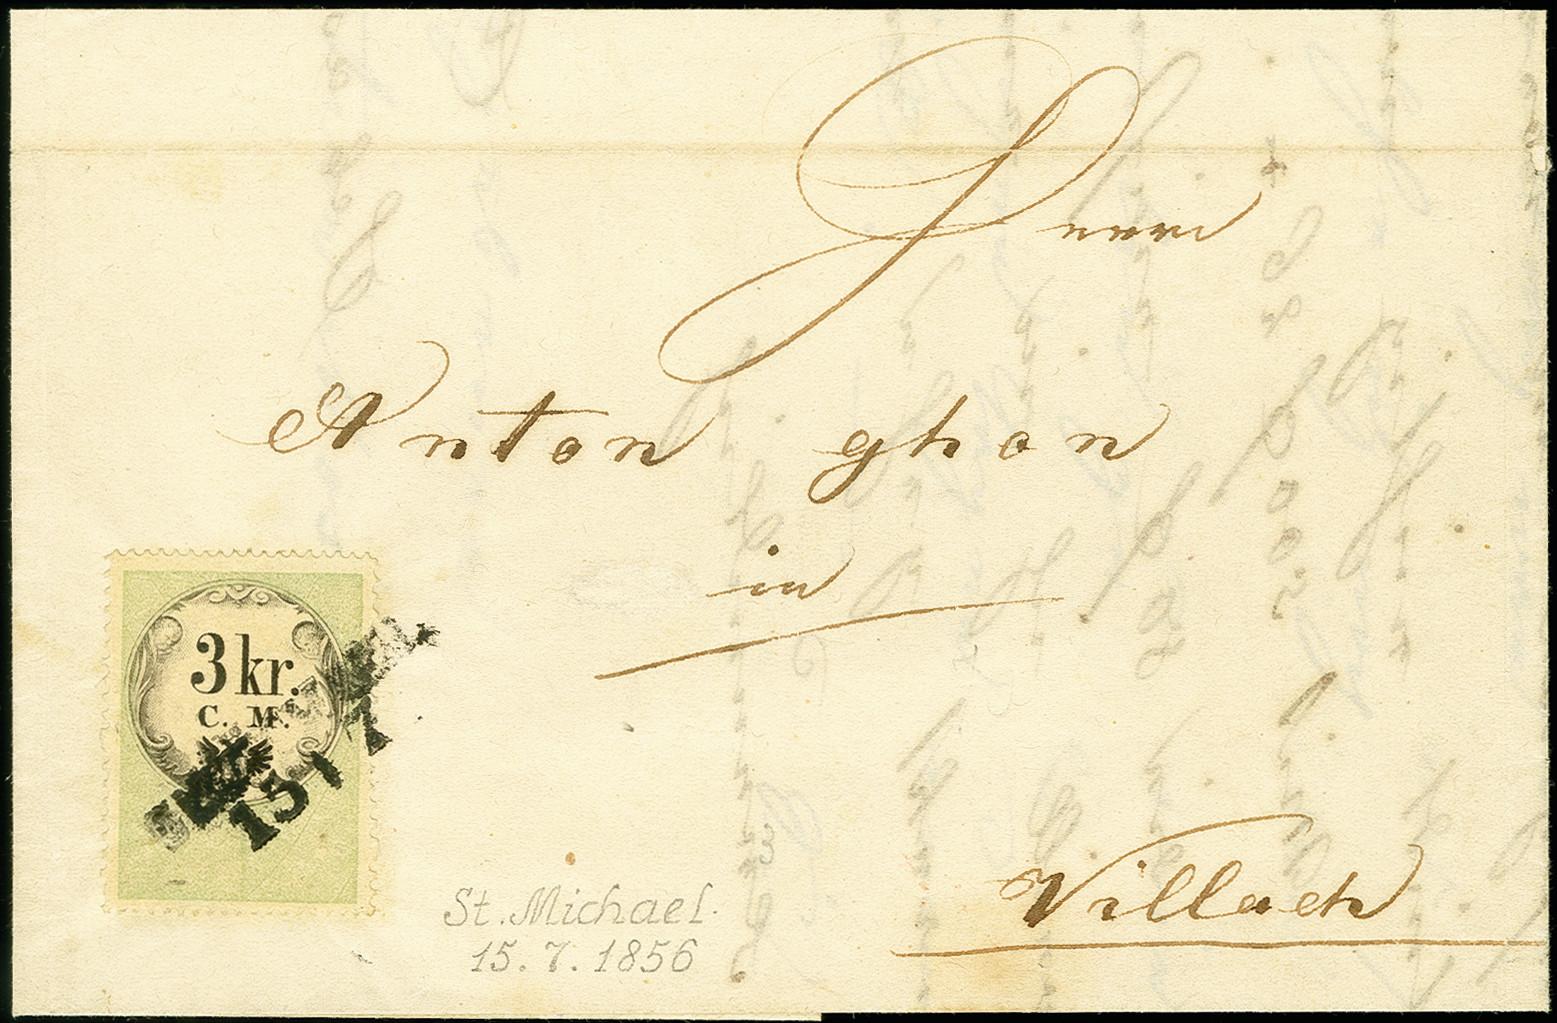 Lot 1087 - österreich Austria postal fiscal stamps -  Heinrich Koehler Auktionen 375rd Heinrich Köhler auction - Day 1